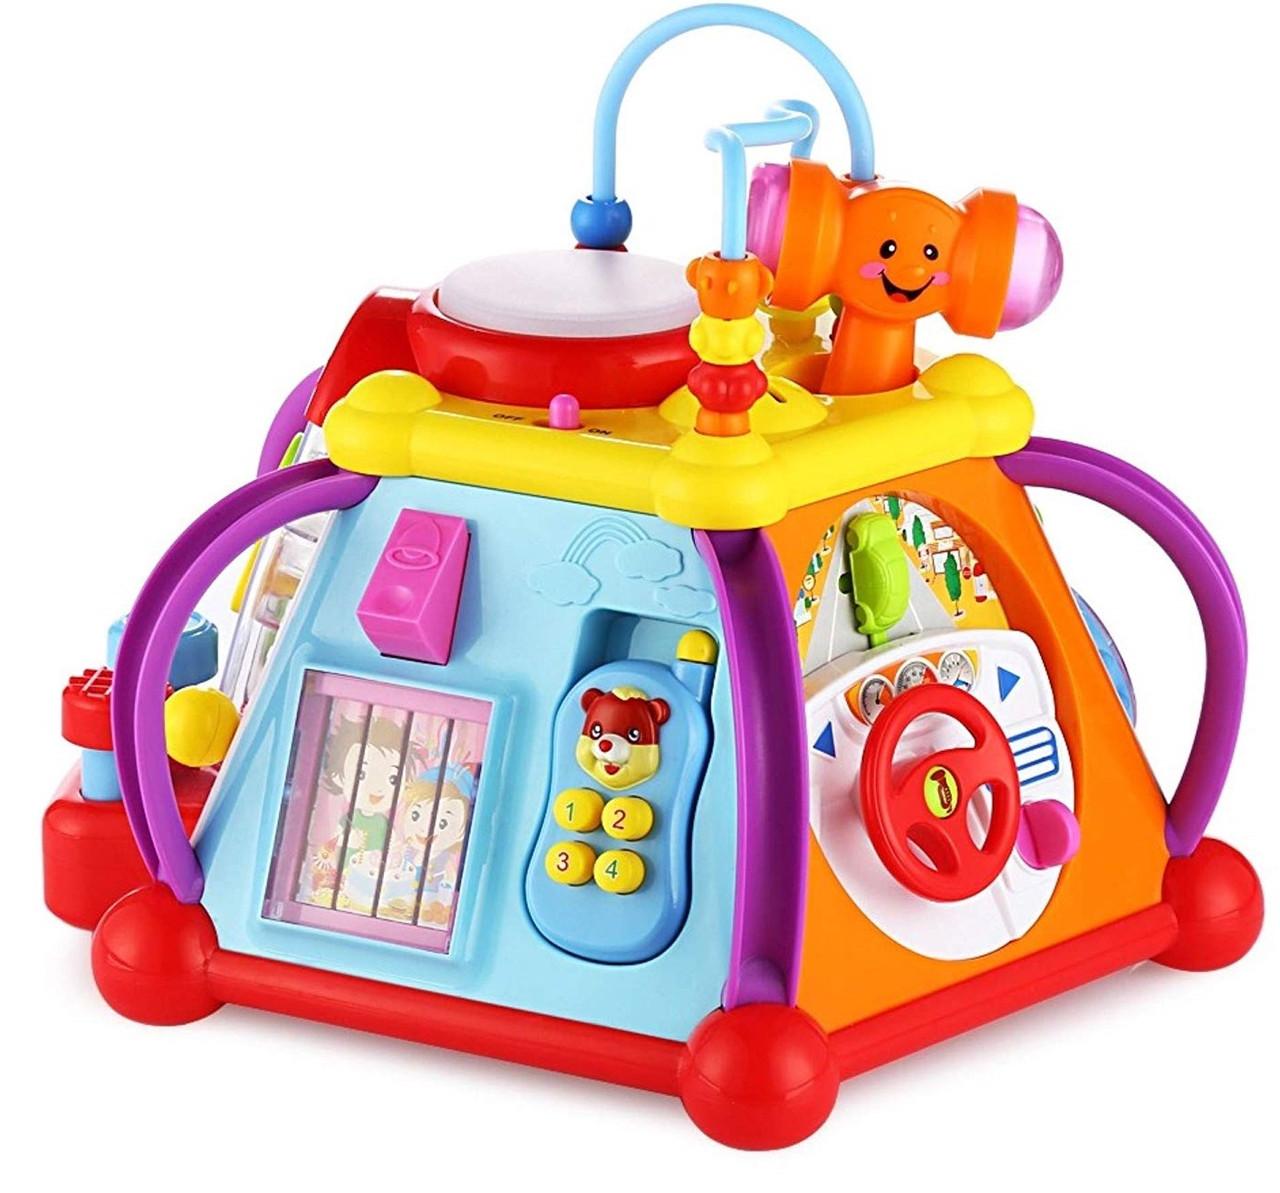 Игрушка Маленькая вселенная Hola Toys (806)